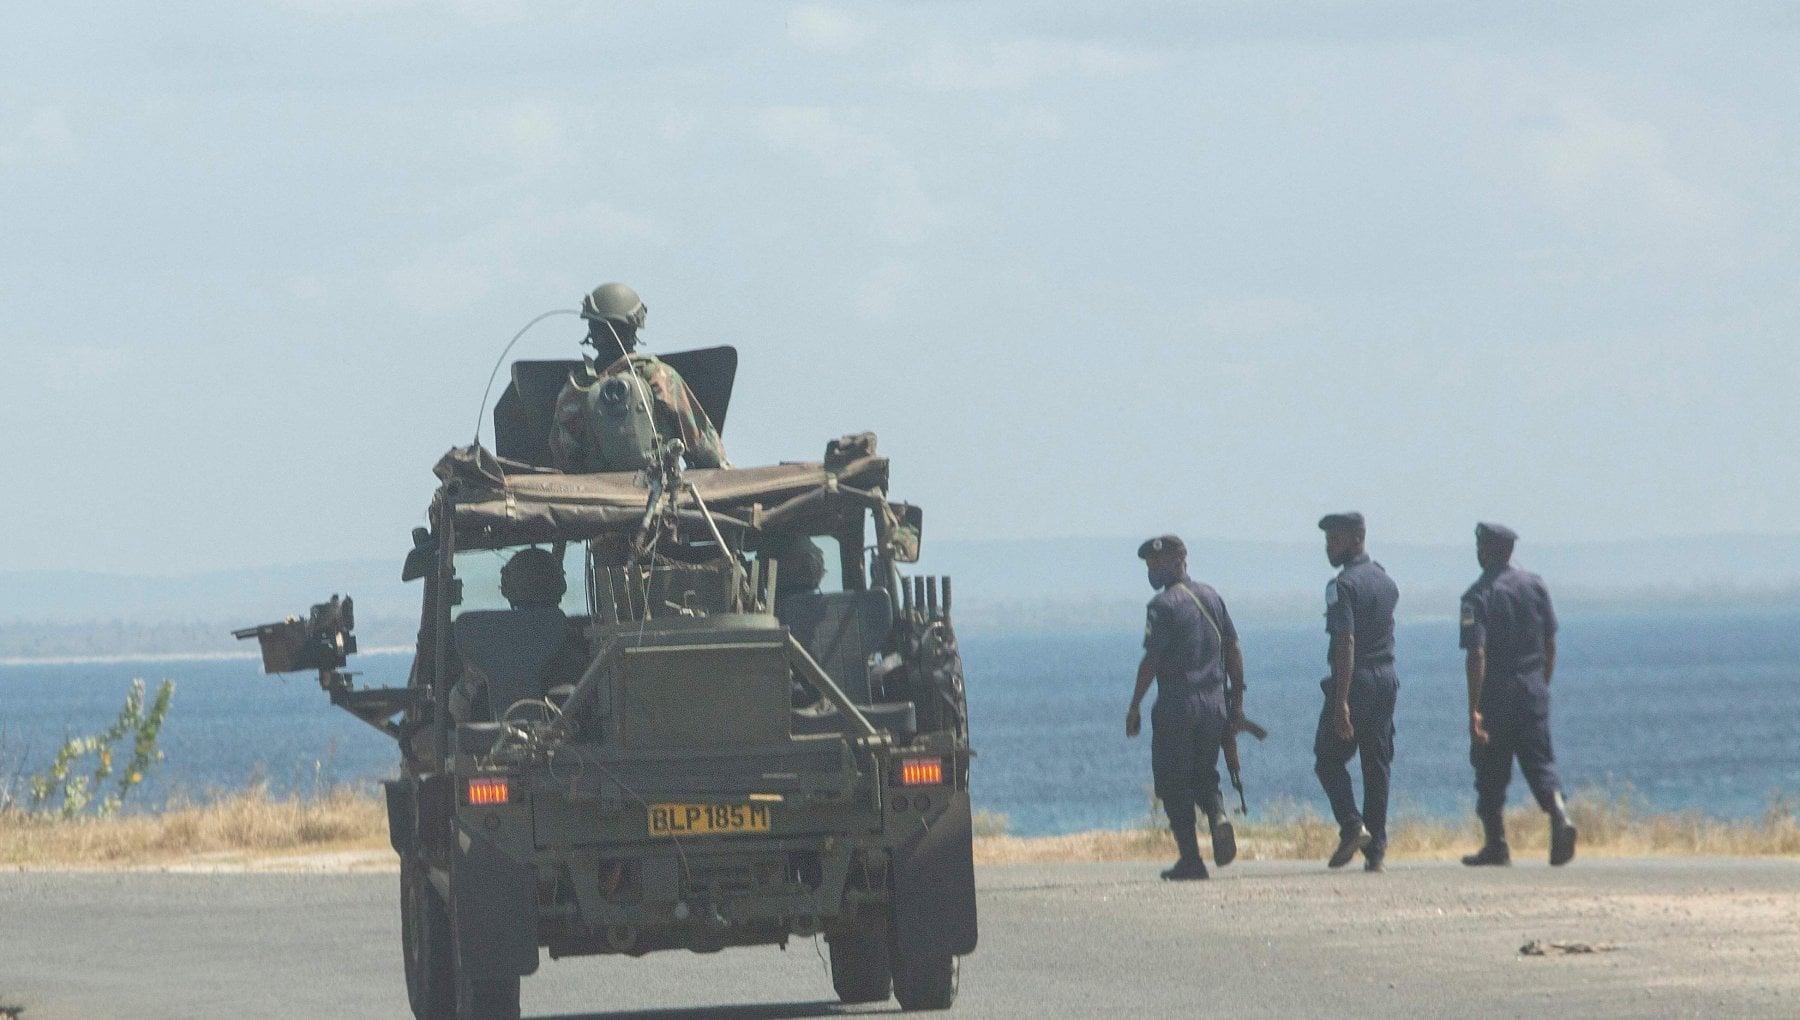 210125890 22cd8aa6 68fa 46dc a933 9eceae9bc83e - Svolta in Mozambico: soldati ruandesi contro i gruppi jihadisti